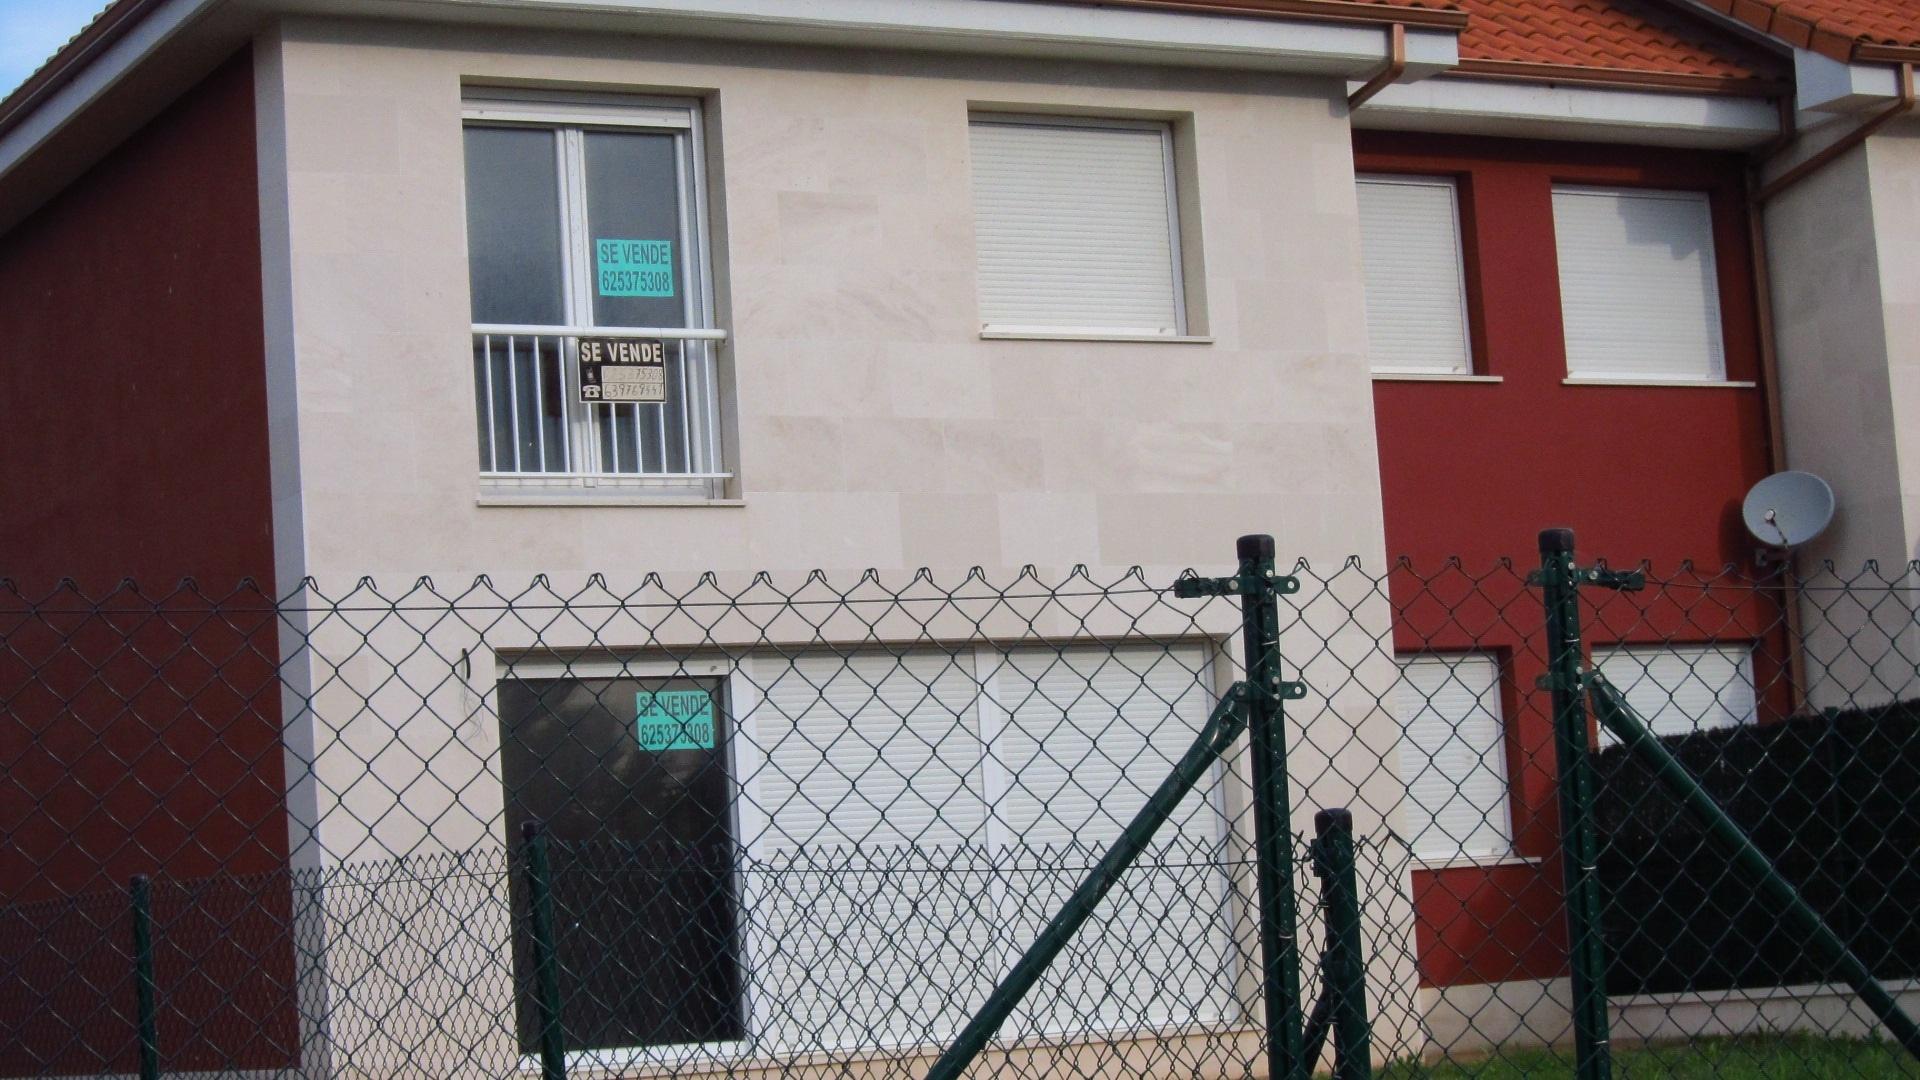 El precio medio de la vivienda nueva en CyL registra una caída del 7,6 por ciento con respecto a junio de 2012